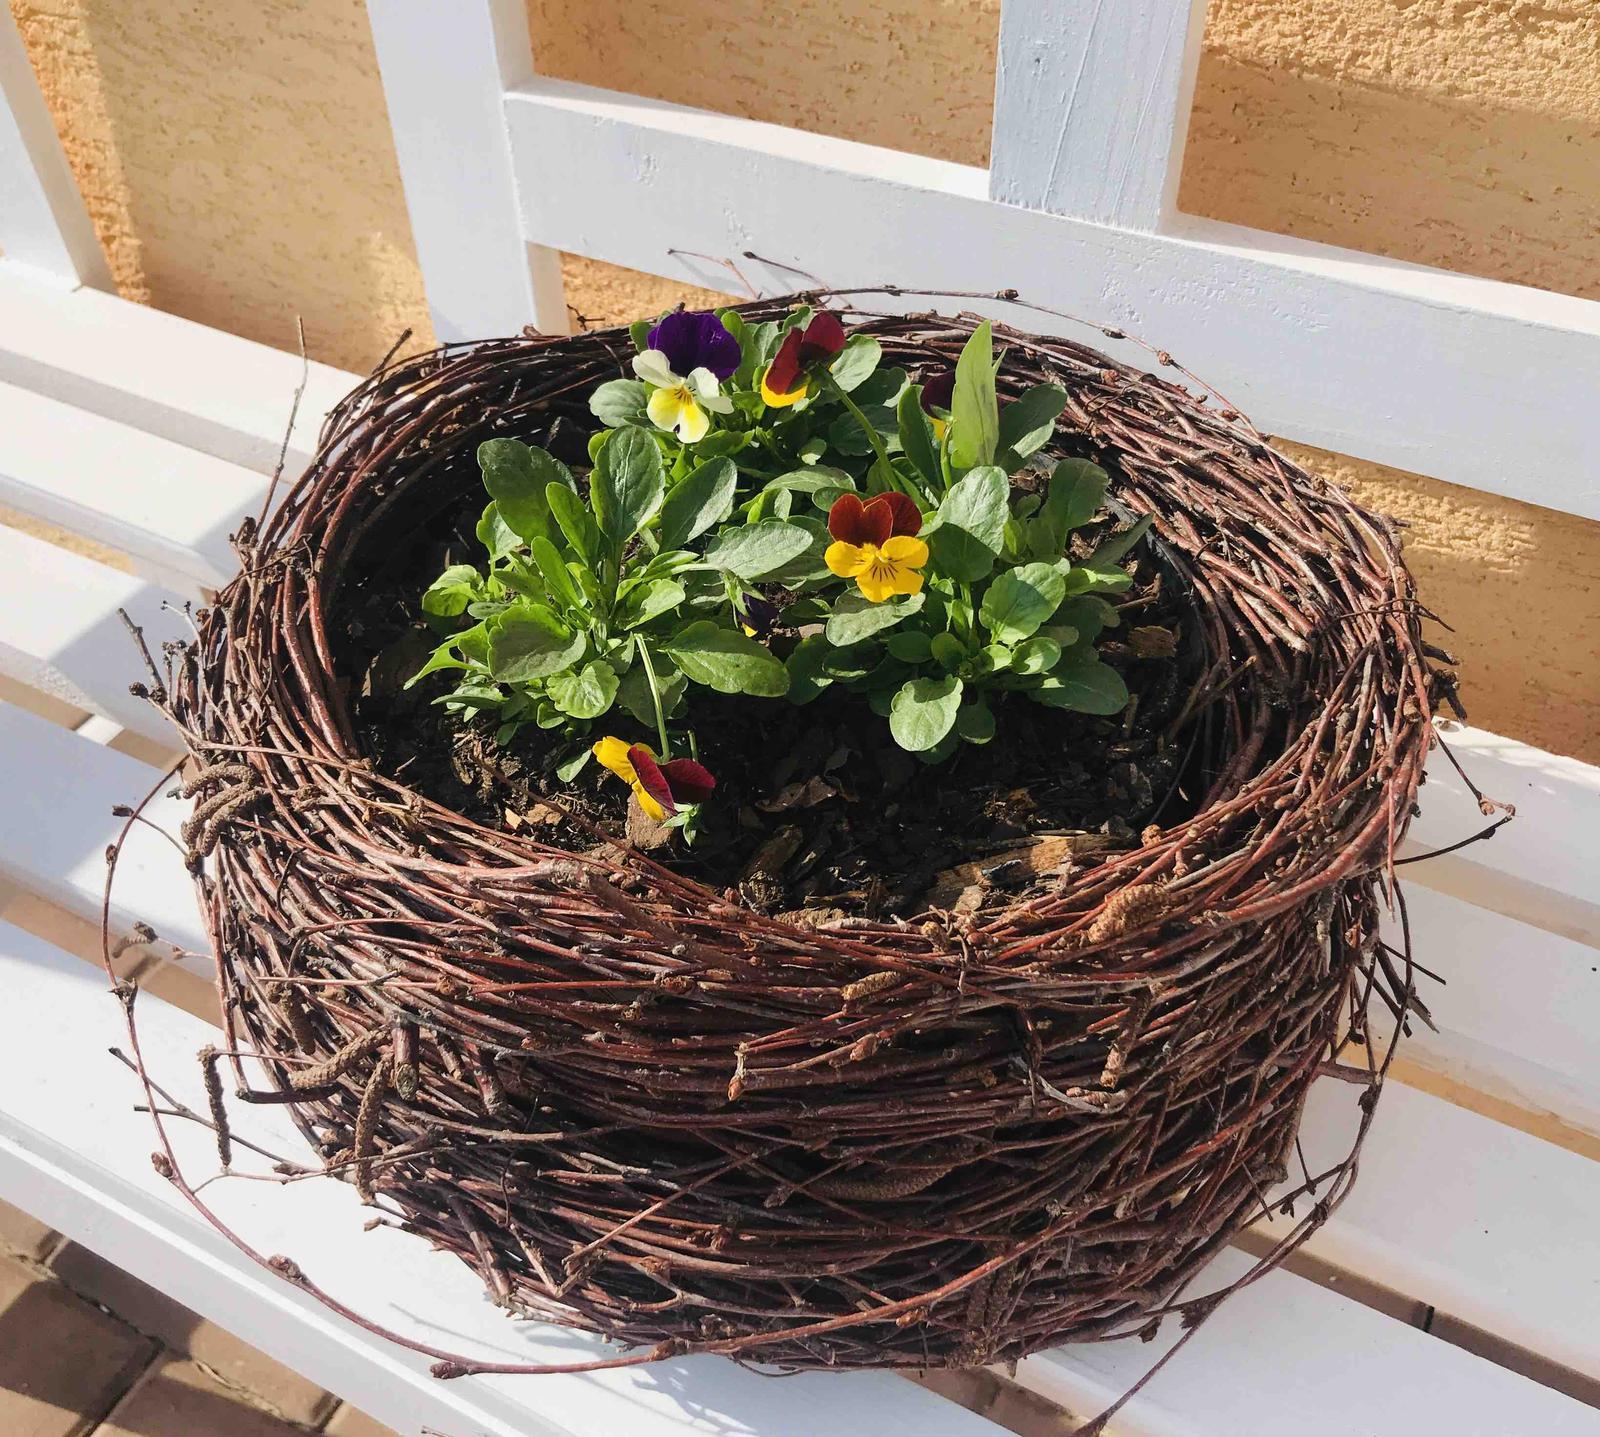 Naše barevná zahrada 🌸 - V hnízdečku na lavičce jsou macešky